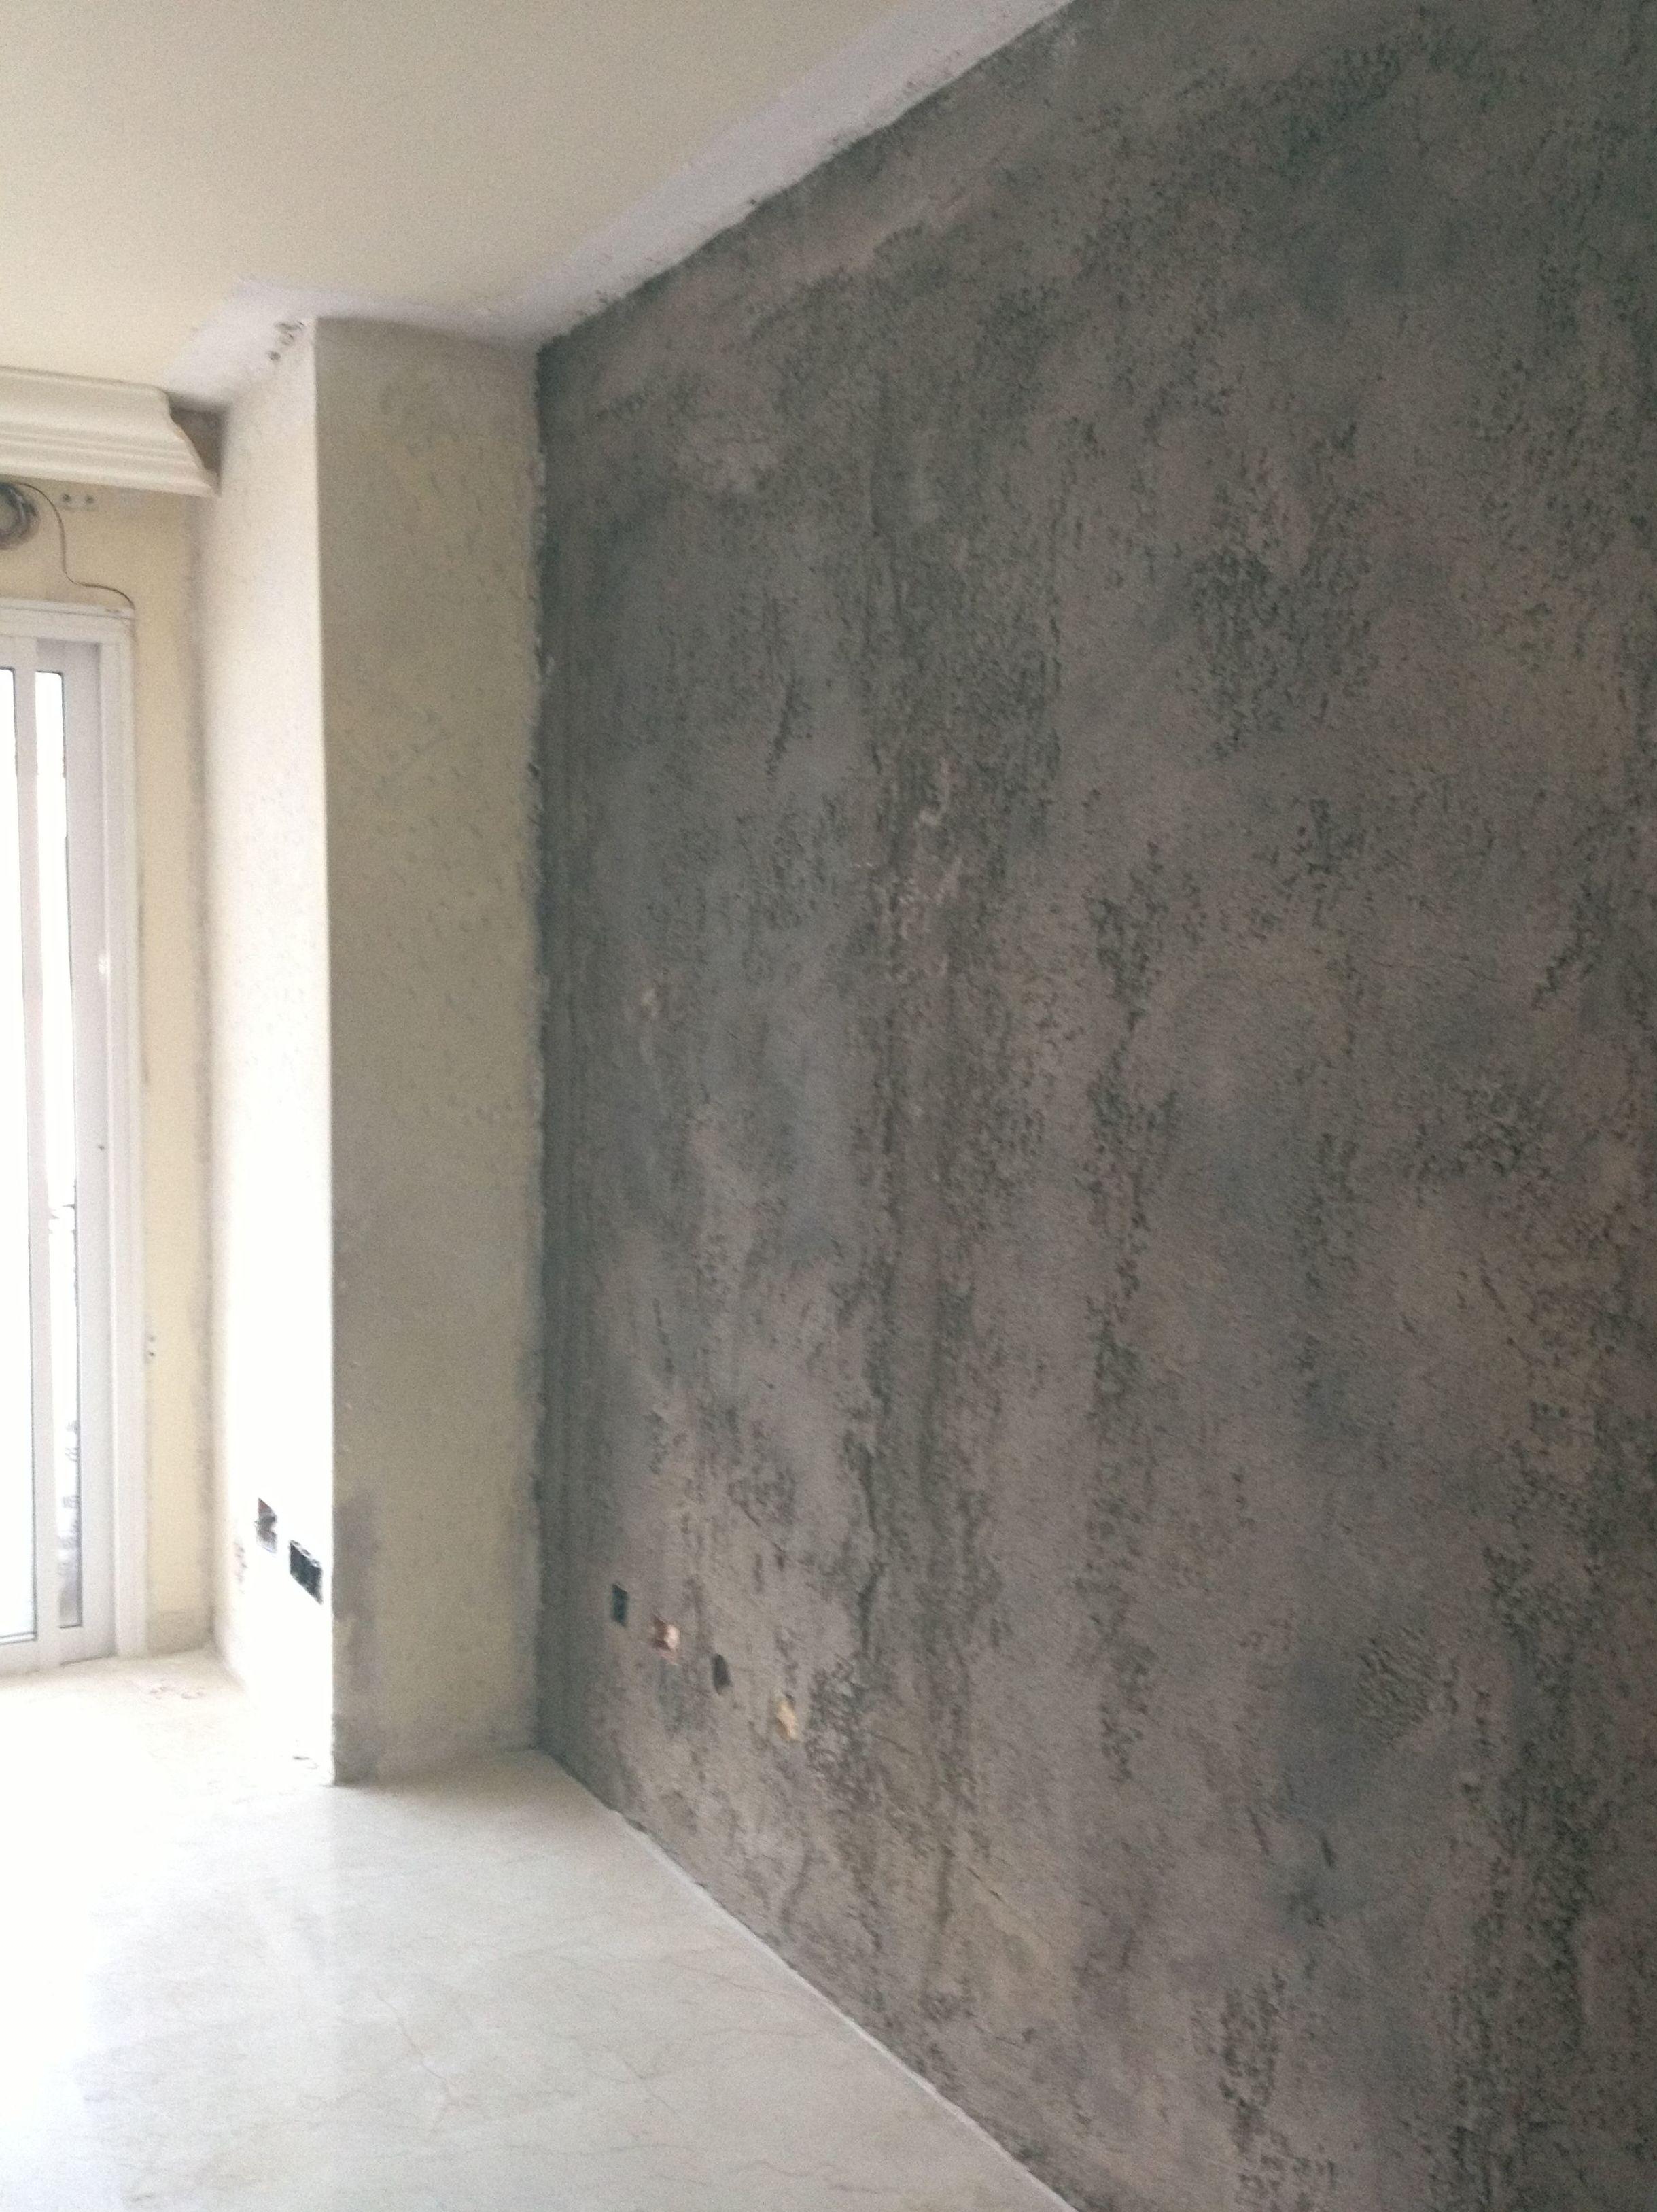 Reforma vivienda. Arreglos de paredes en vivienda en Santa Cruz de Tenerife